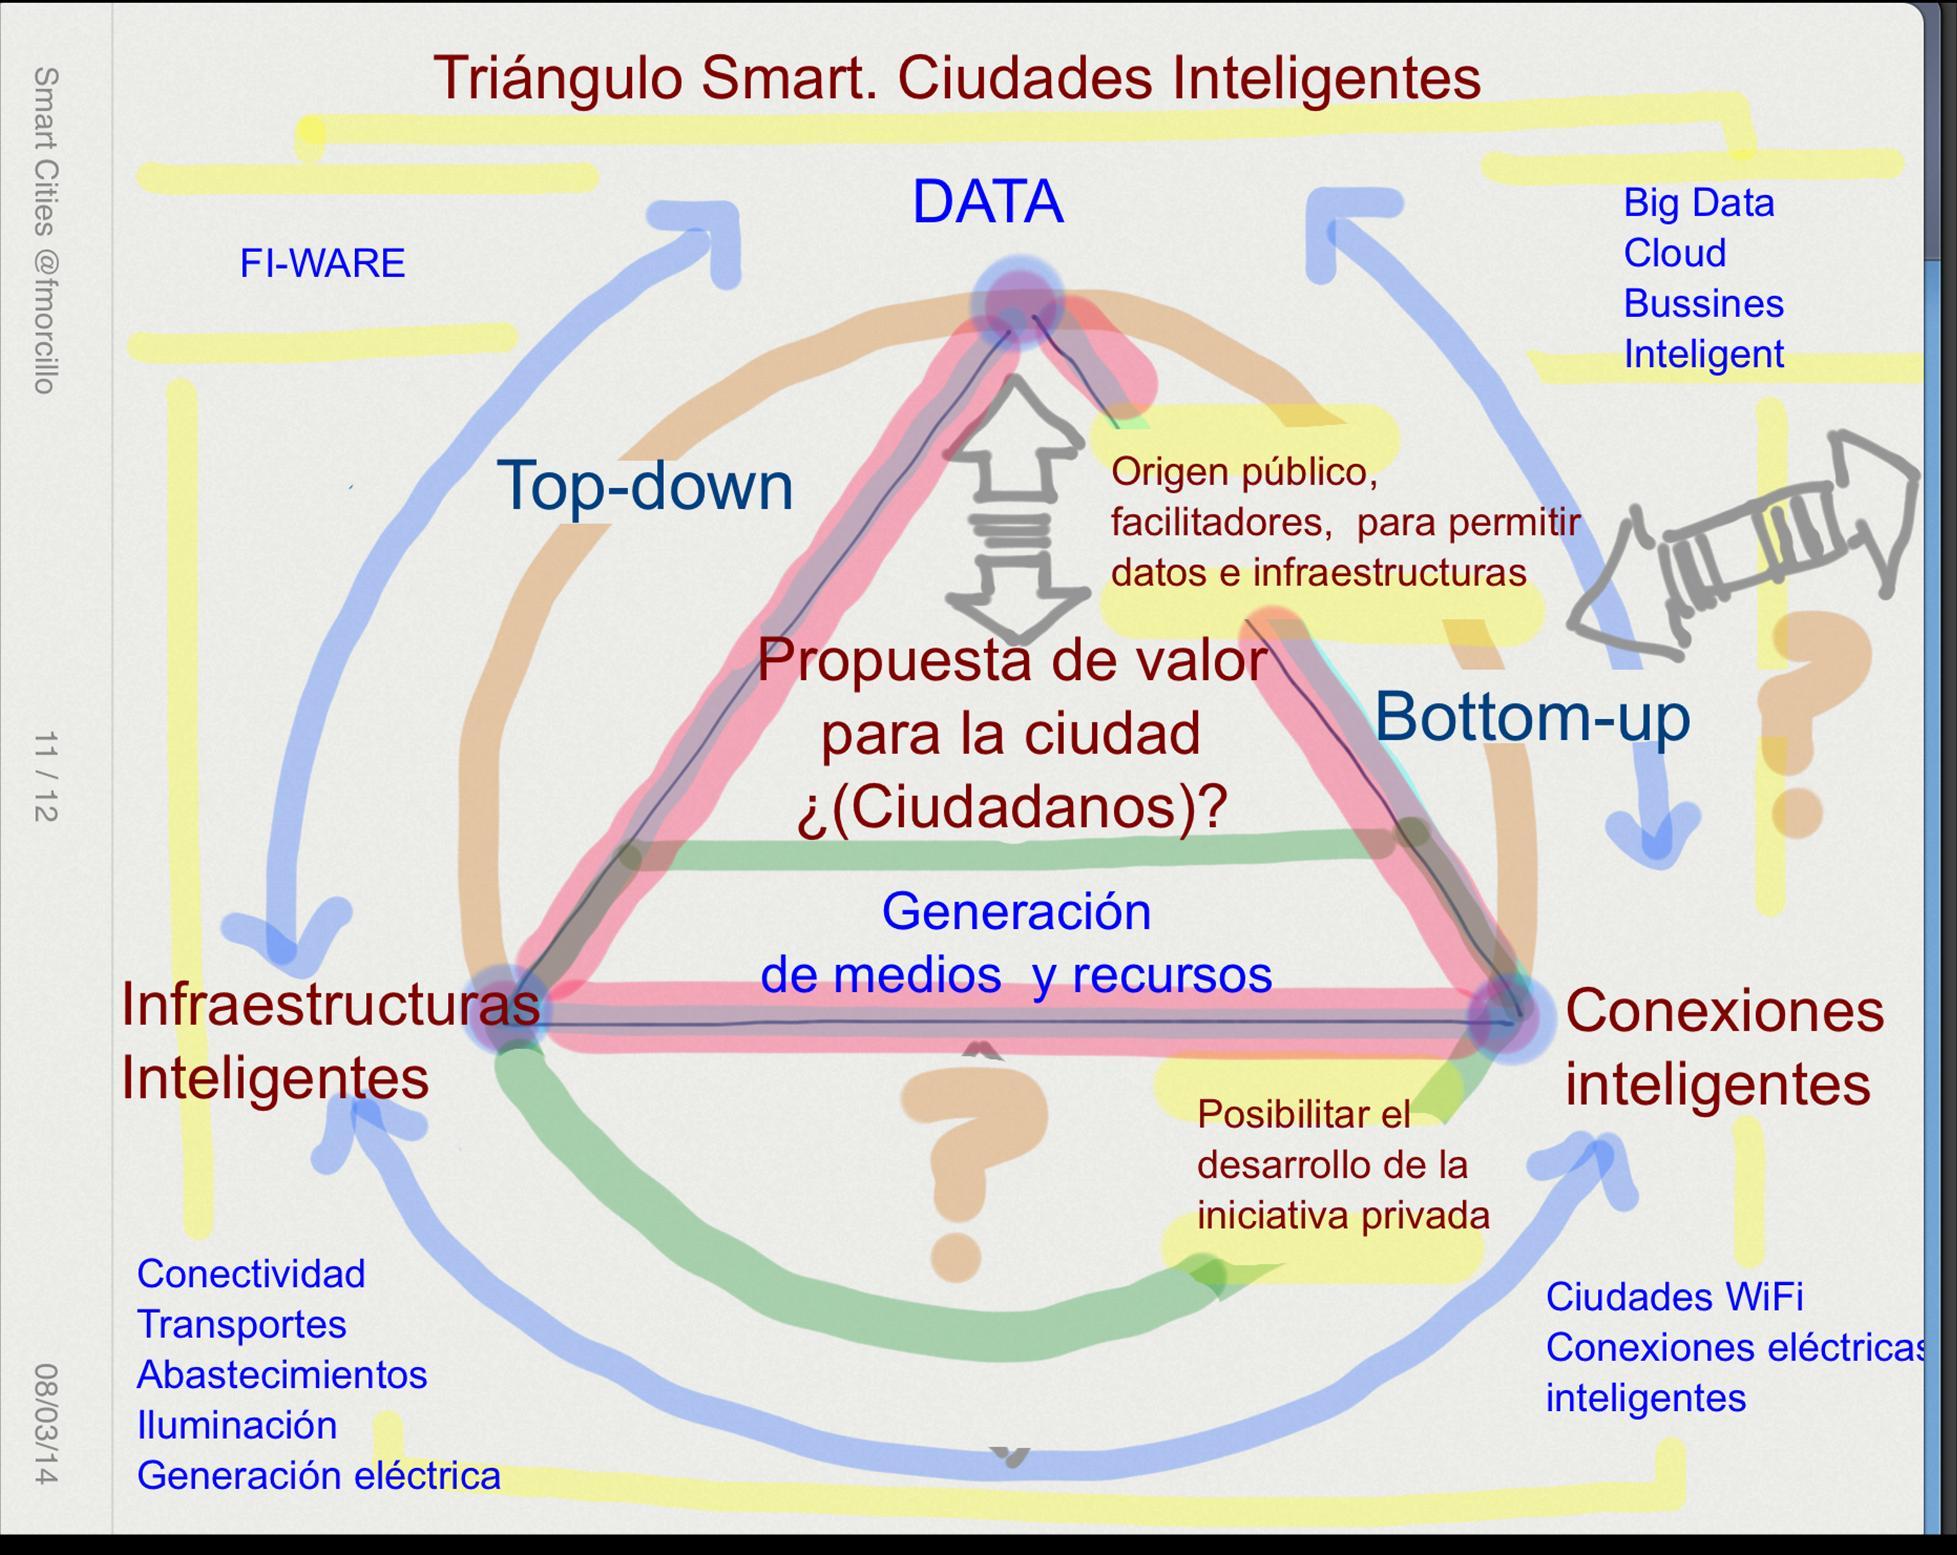 El Triángulo Smart I